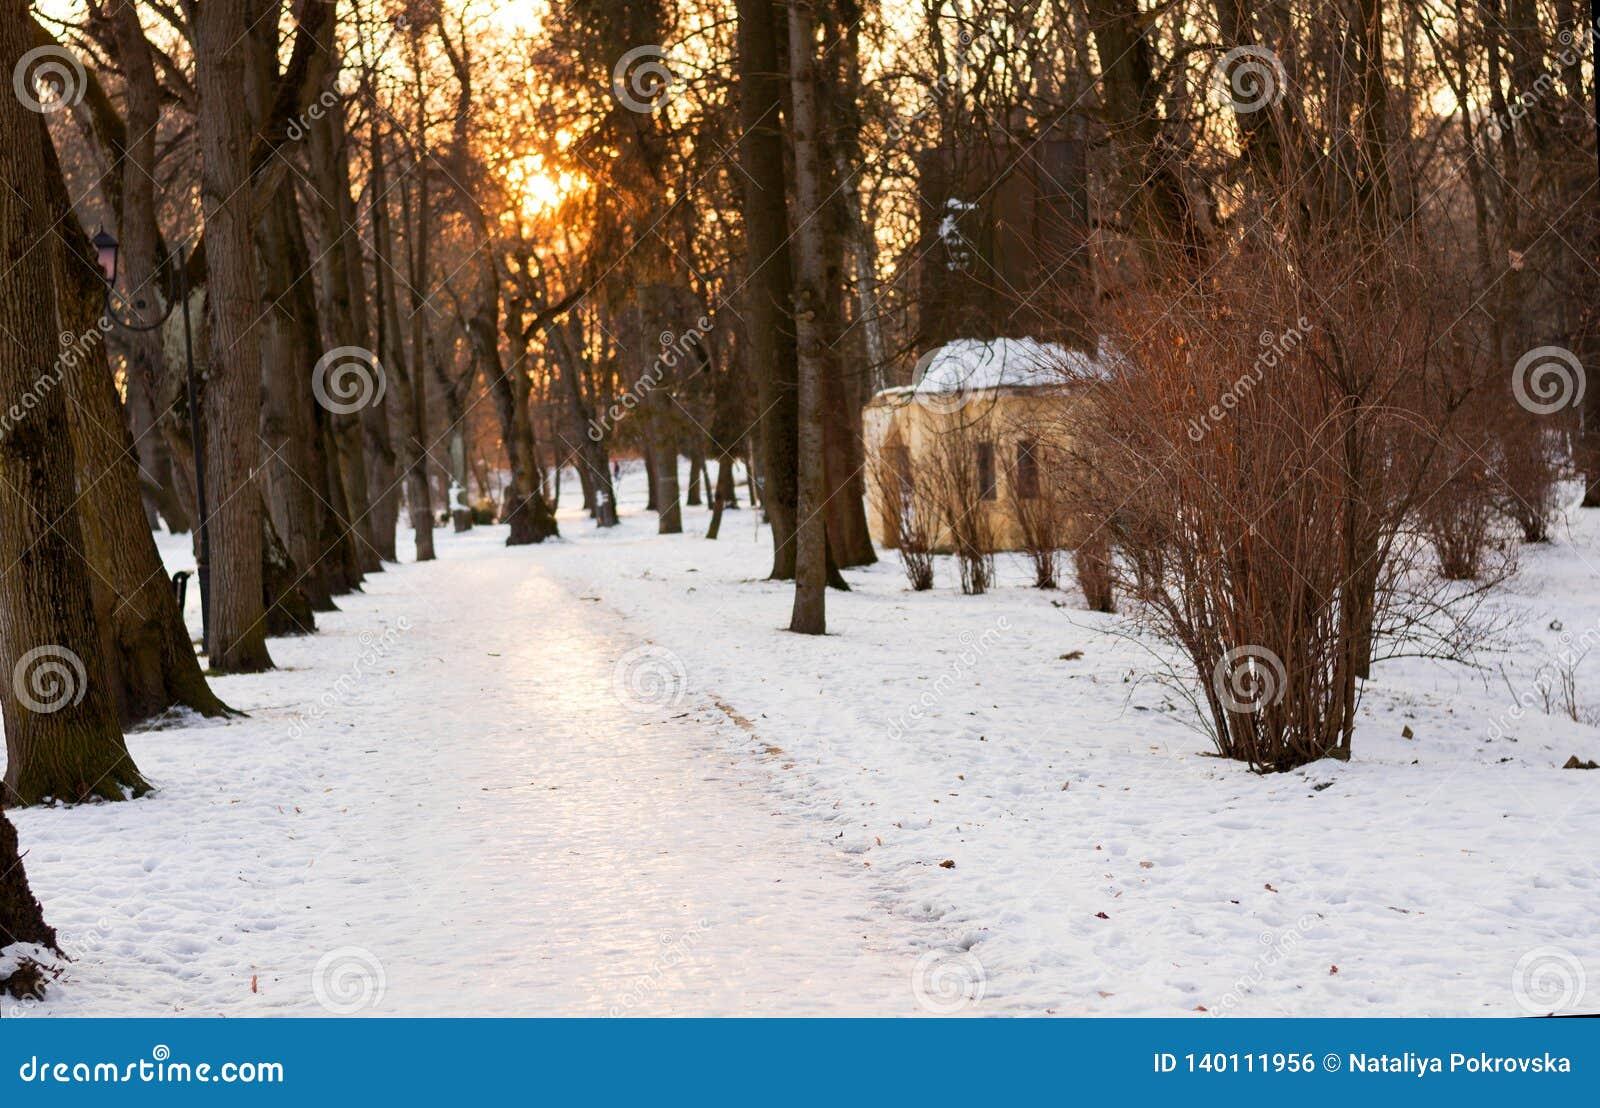 Det härliga vinterlandskapet av parkerar vandringsledet på solnedgångbakgrund och avlövade träd Time för att gå med familjen, hun